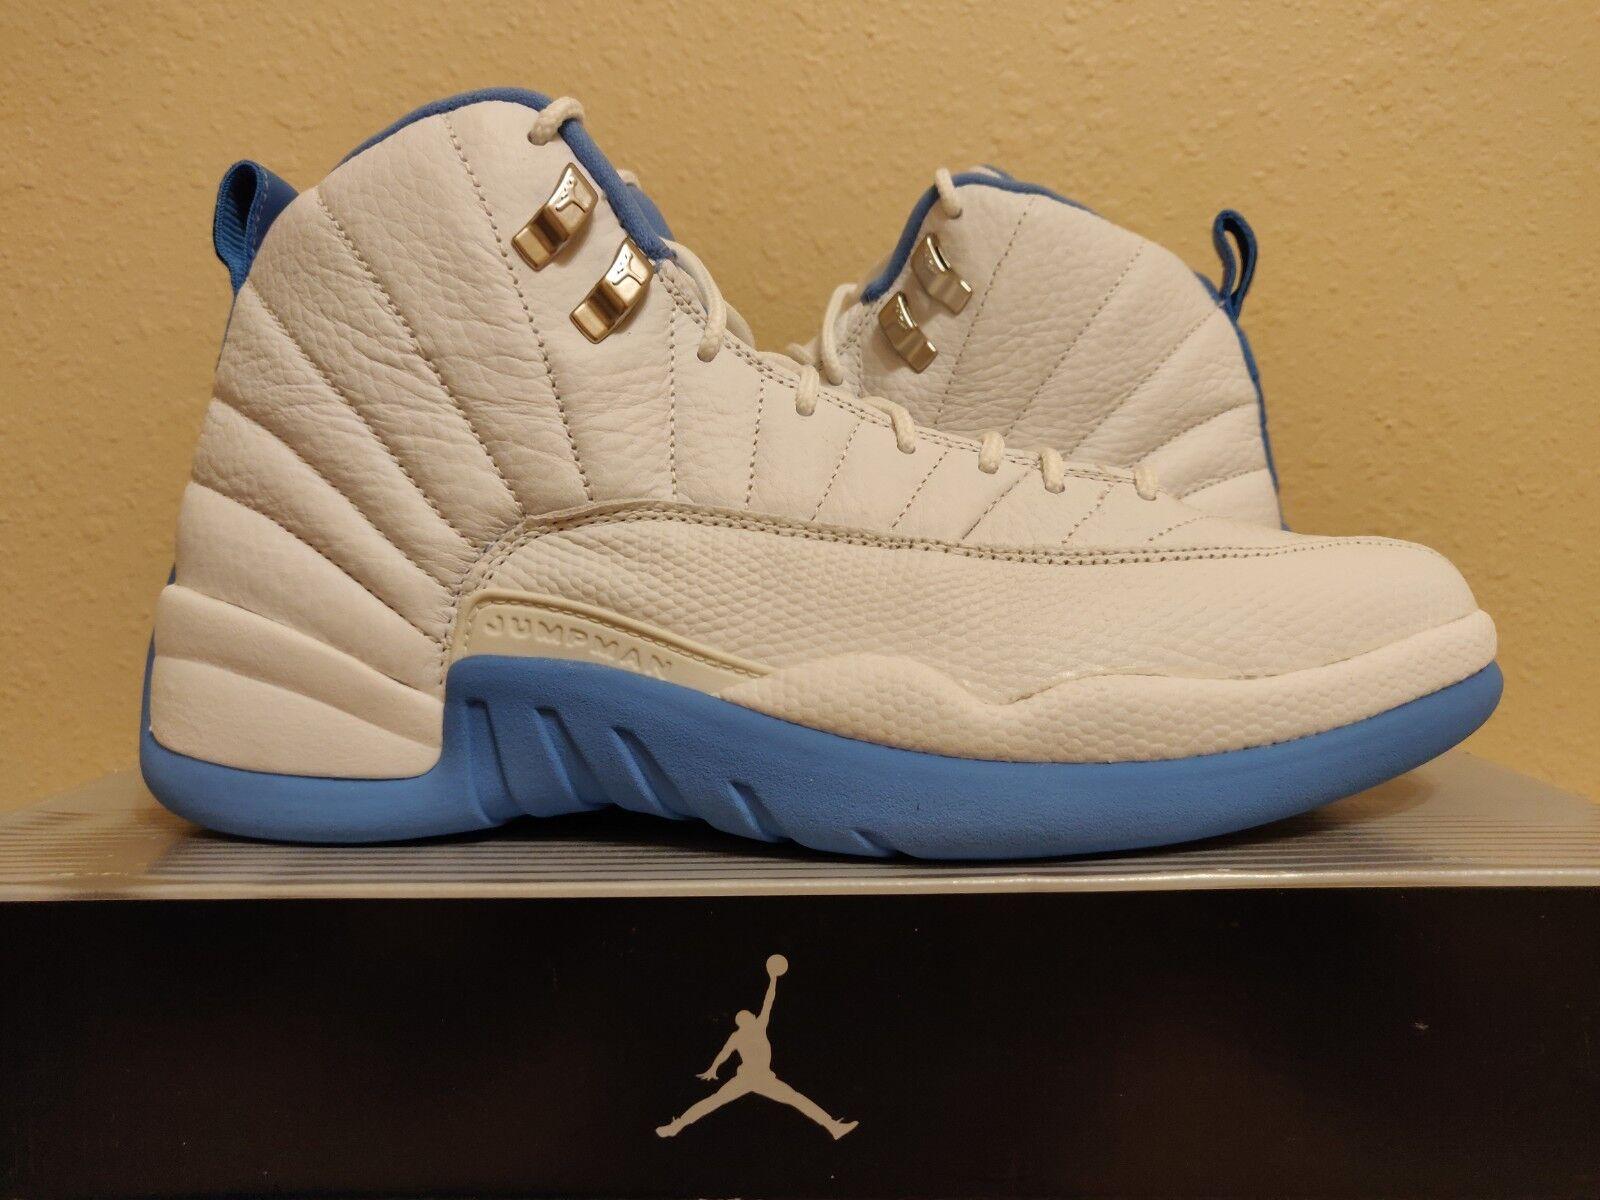 Nike Air Jordan XII 12 Retro White University bluee Silver Melo (136001-142) 10.5